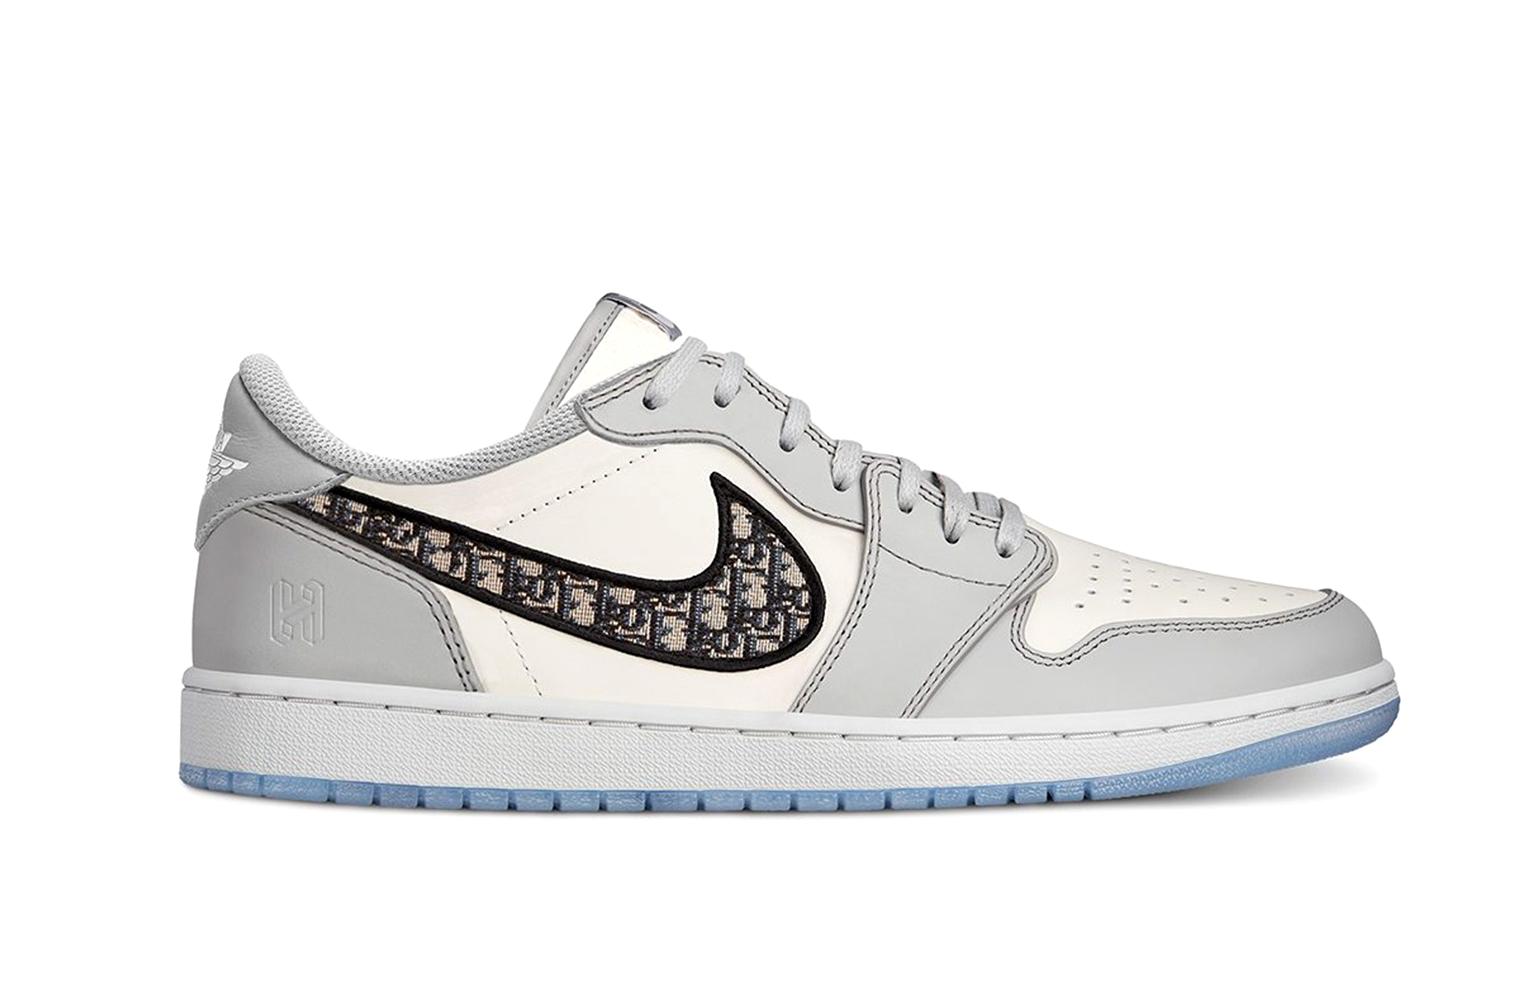 Dior x Nike Air Jordan 1 Low